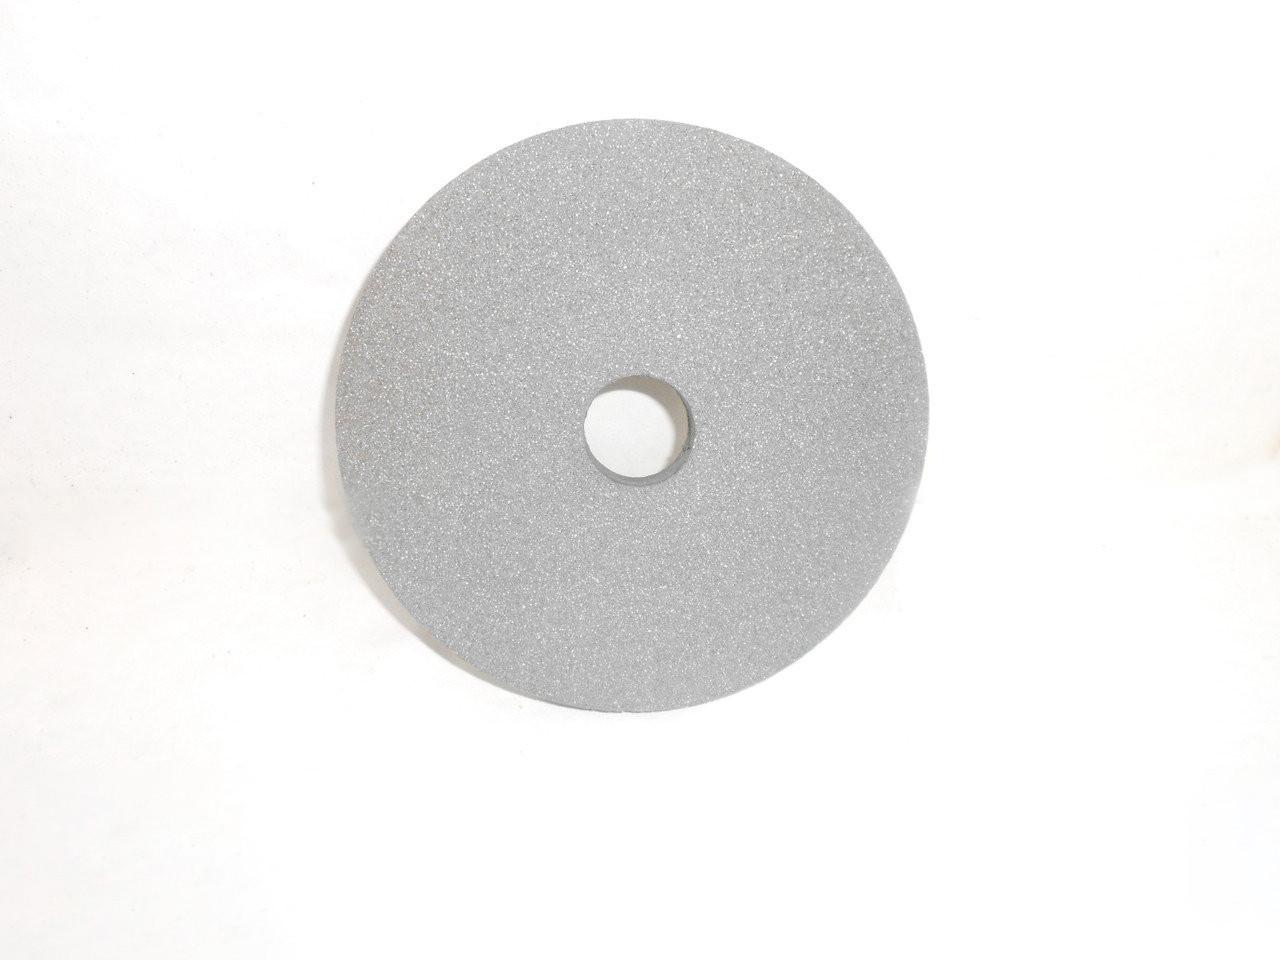 Круг шлифовальный 14А ПП 63х13х16  16 С